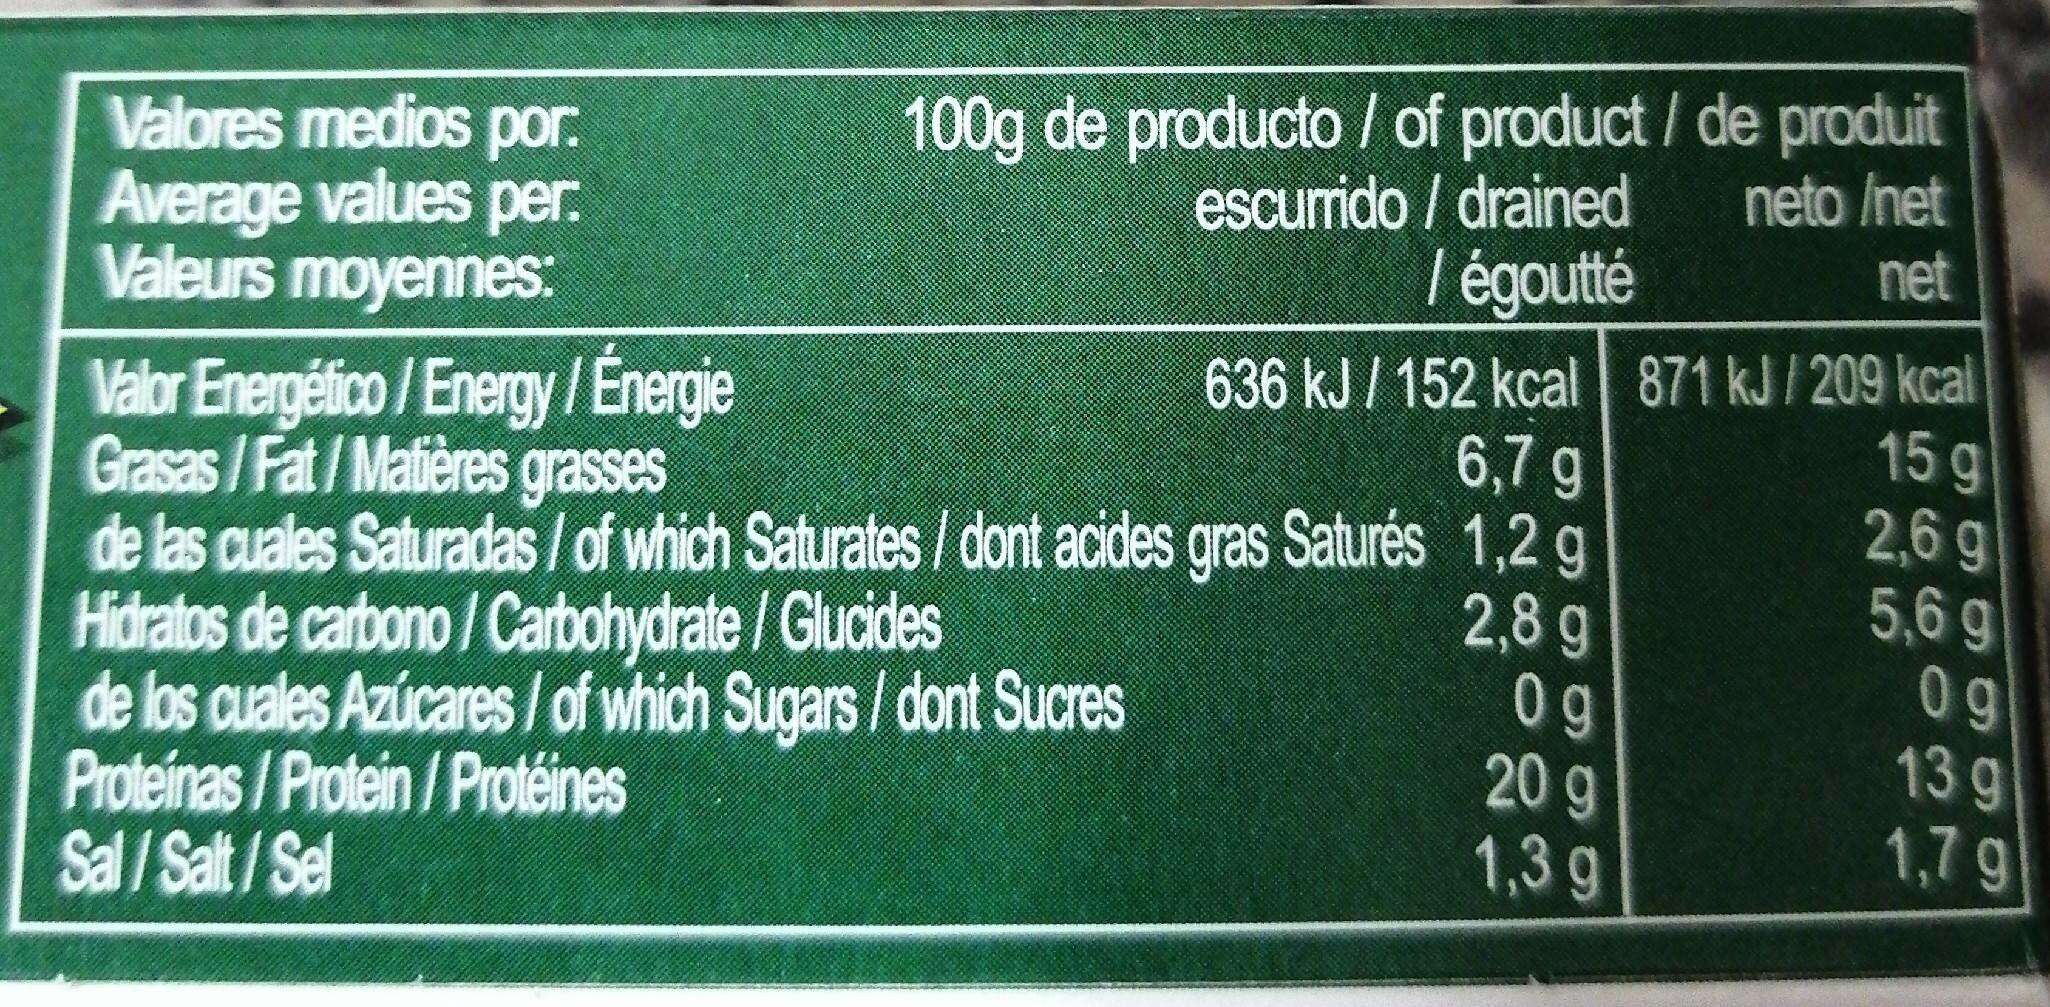 Mejillones de las rias gallegas con aceite de oliva - Información nutricional - es